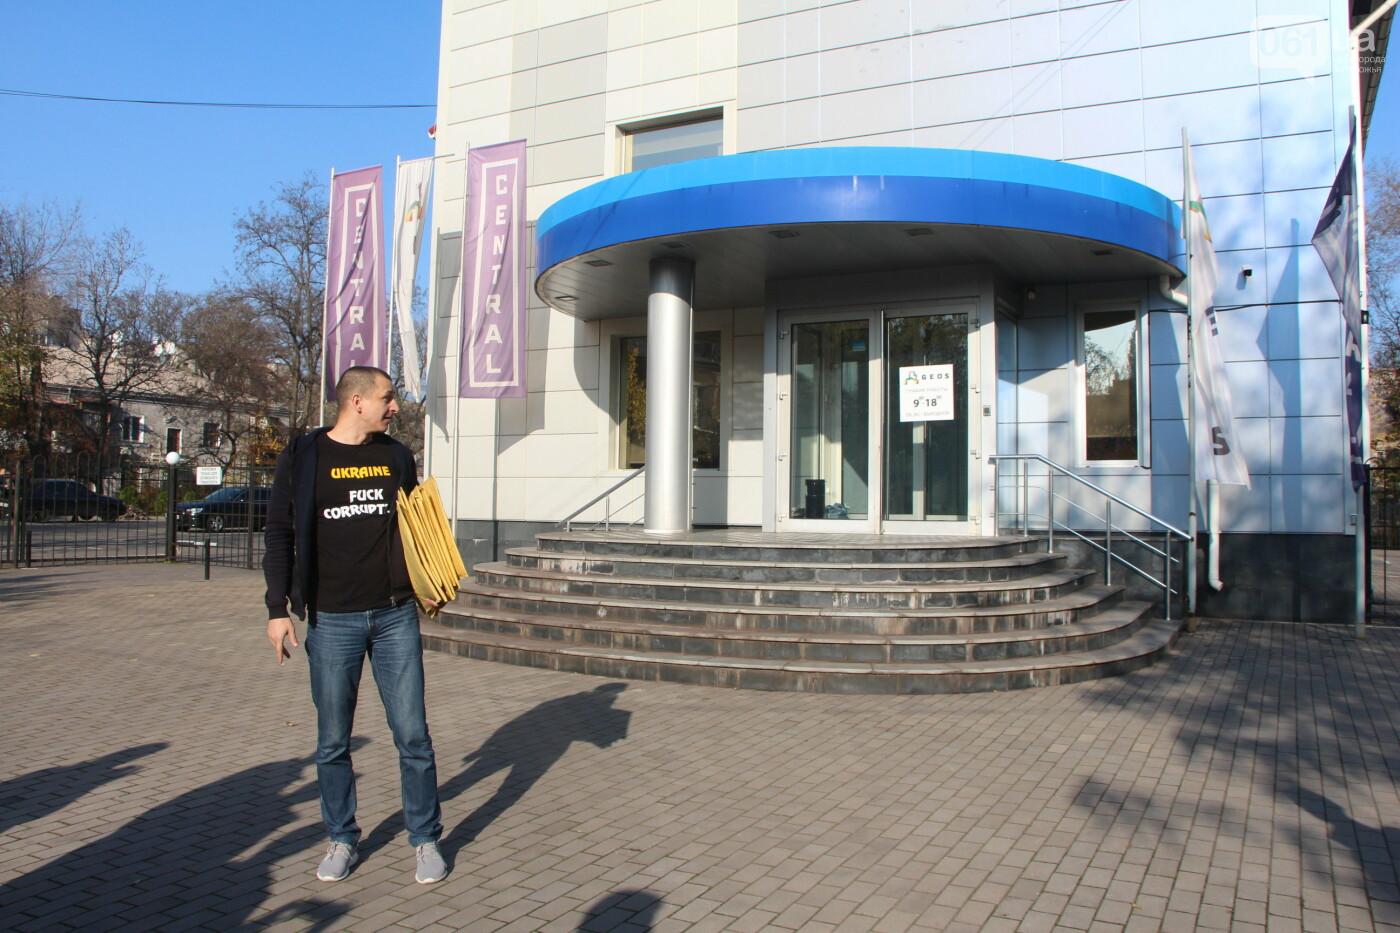 """""""Анисимов просто лох"""": на антикоррупционной экскурсии рассказали, кто приезжает в новый """"золотой офис"""", - ФОТОРЕПОРТАЖ, фото-12"""